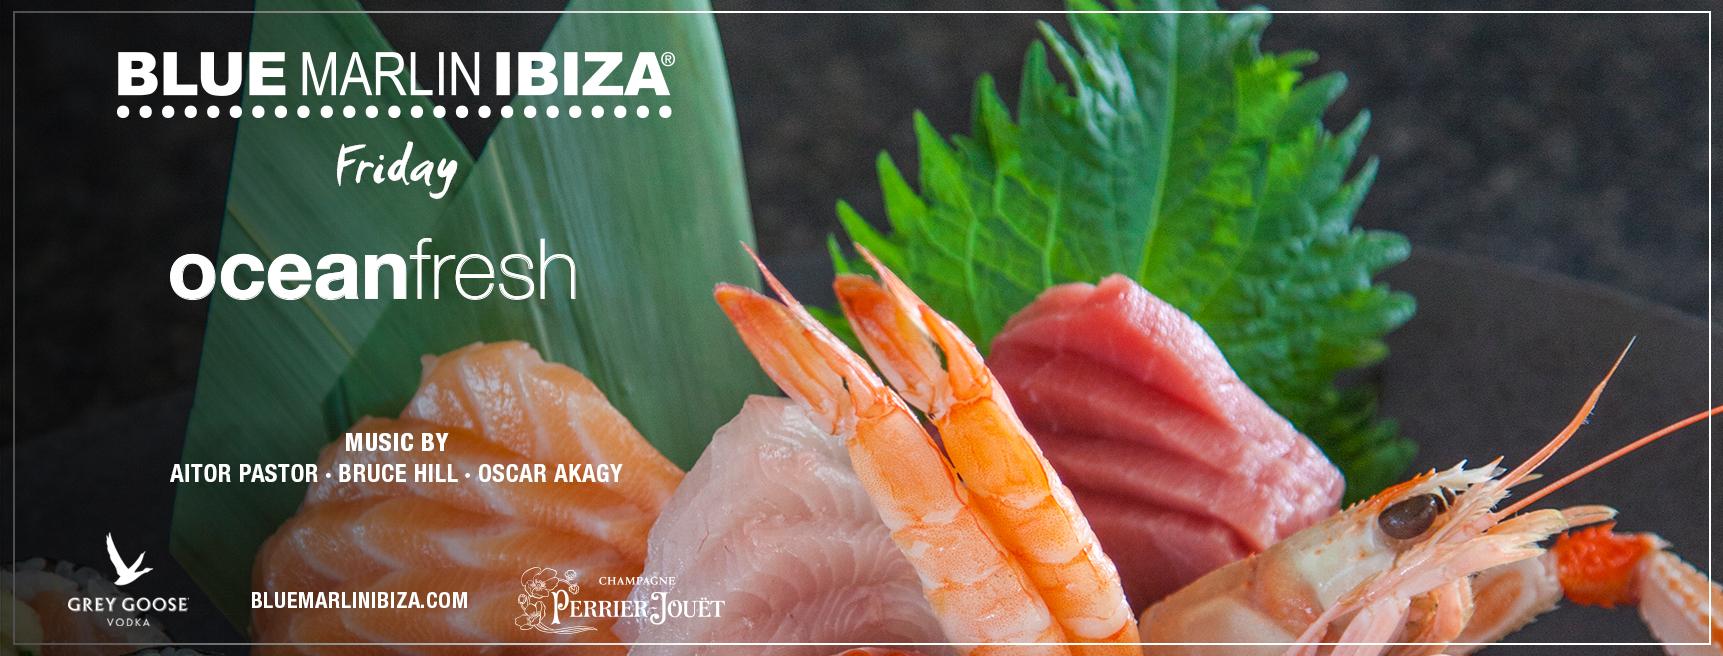 Blue Marlin Ibiza 2021 eventos todos los viernes 2021 Ocean Fresh